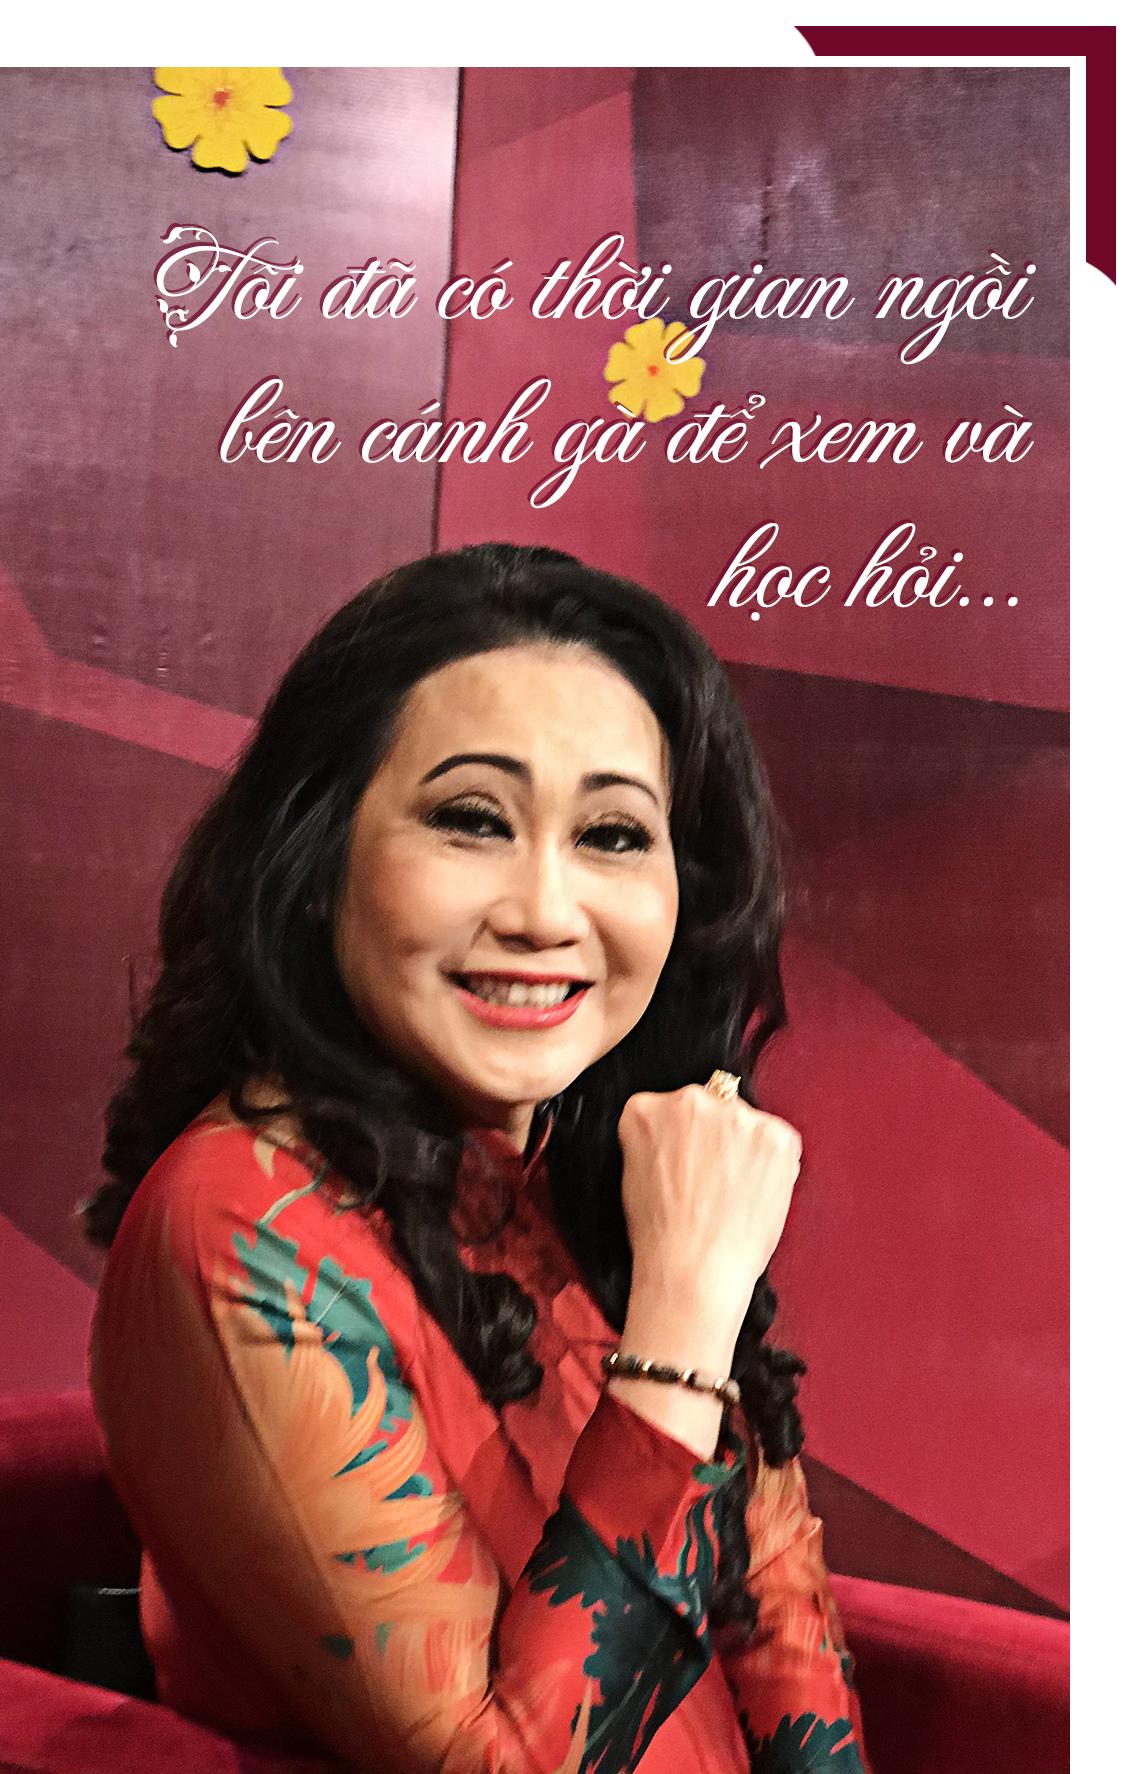 [eMagazine] Nghệ sĩ Thanh Hằng: Giải Mai Vàng là niềm động lực to lớn - Ảnh 3.